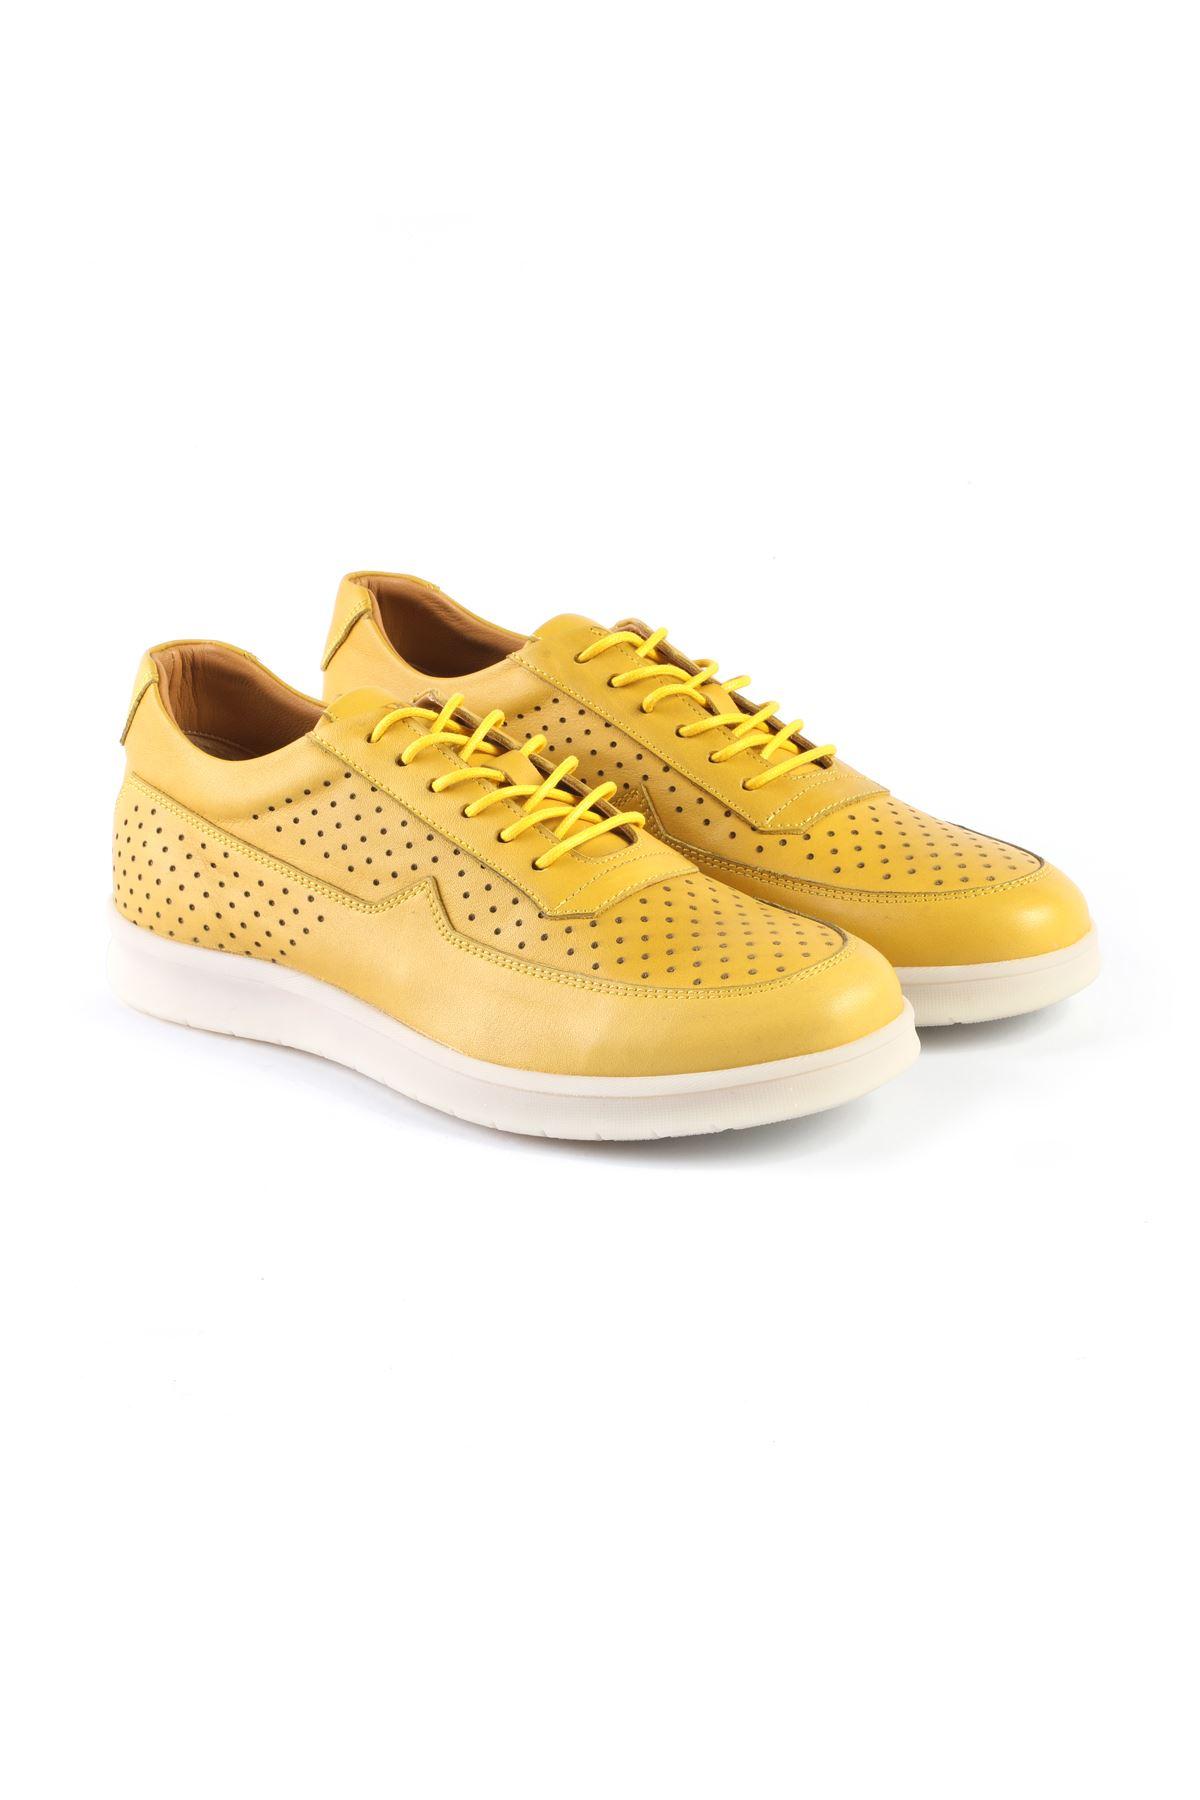 Libero 3241 Yellow Sports Shoes